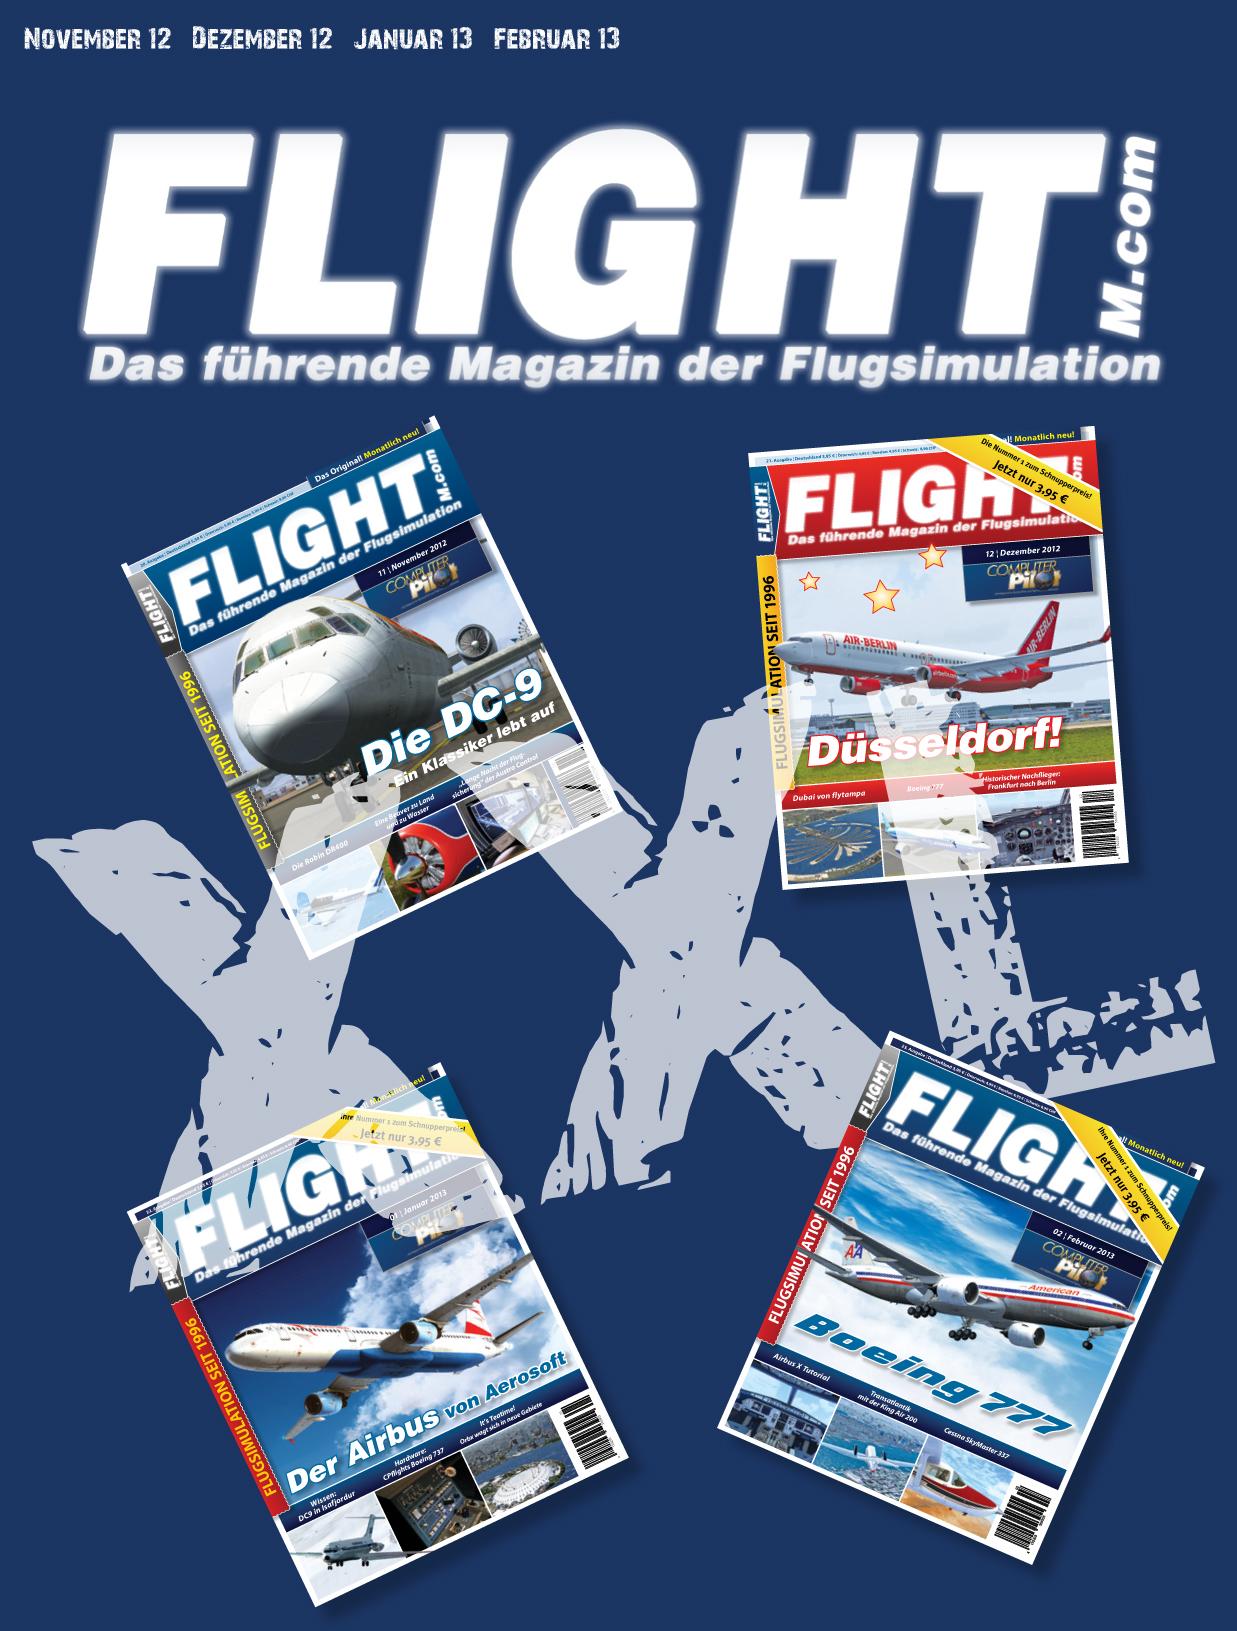 Flight! Magazin XXL Ausgabe -  336 Seiten - Nov12-Feb13